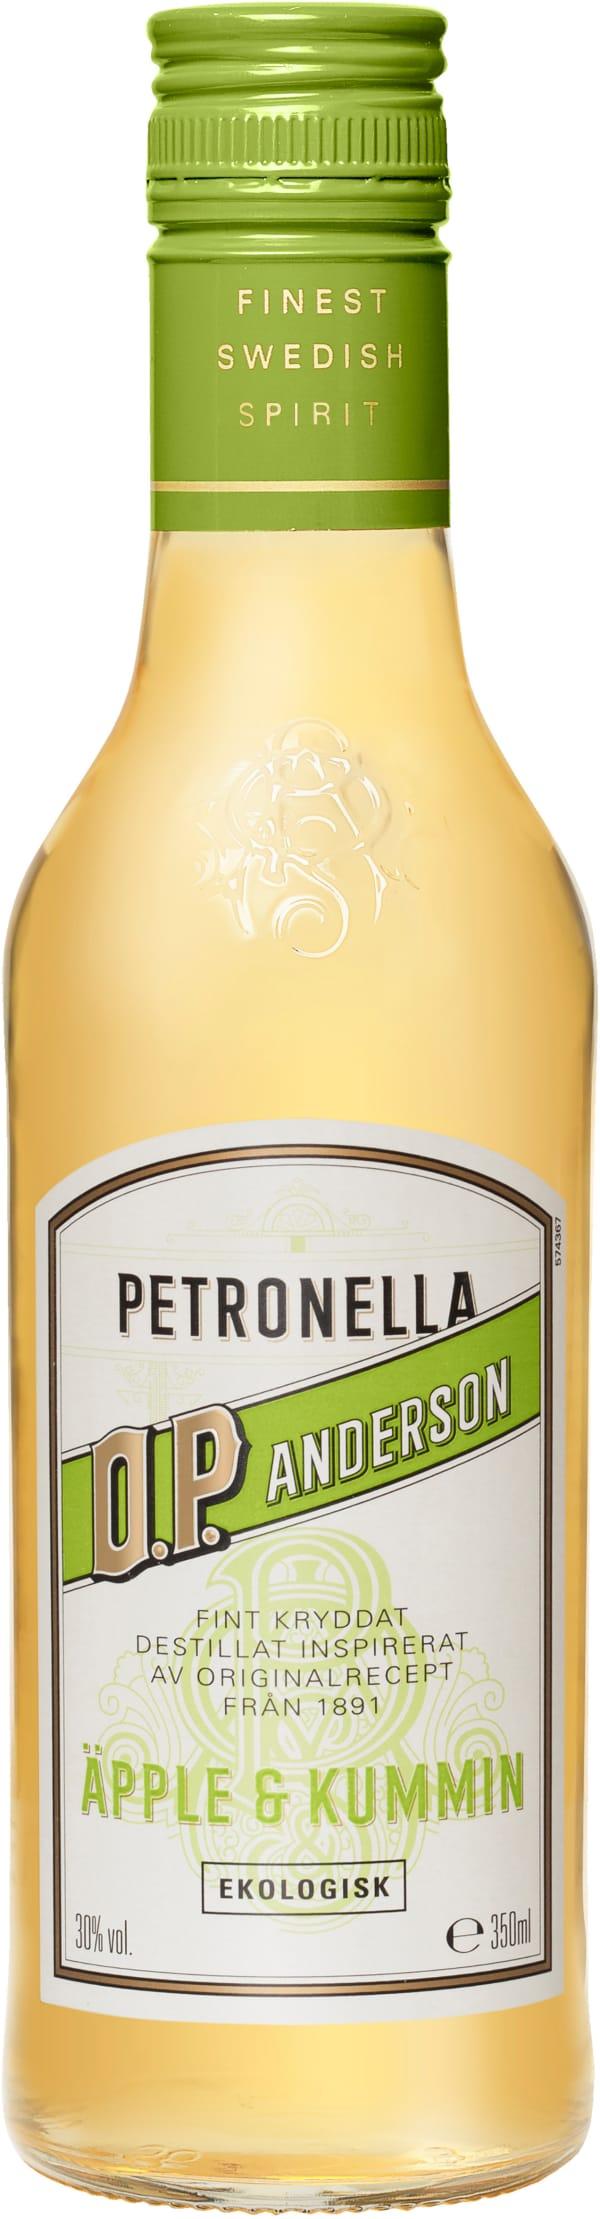 O.P. Anderson Petronella